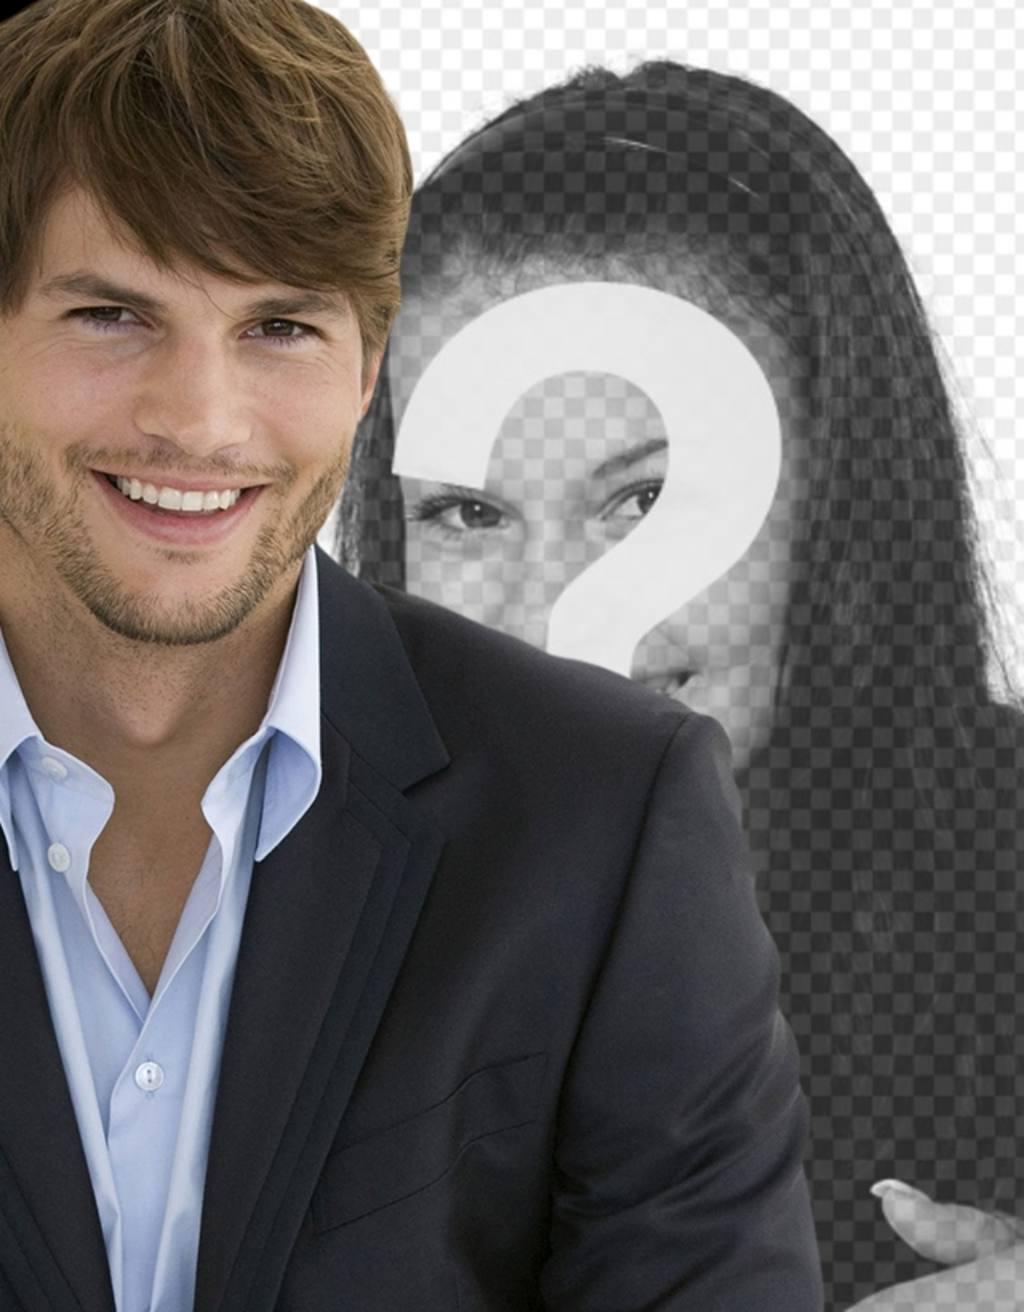 Fotomontagem com Ashton Kutcher em um terno com barba por fazer e cabelo curto para ter uma foto com ele